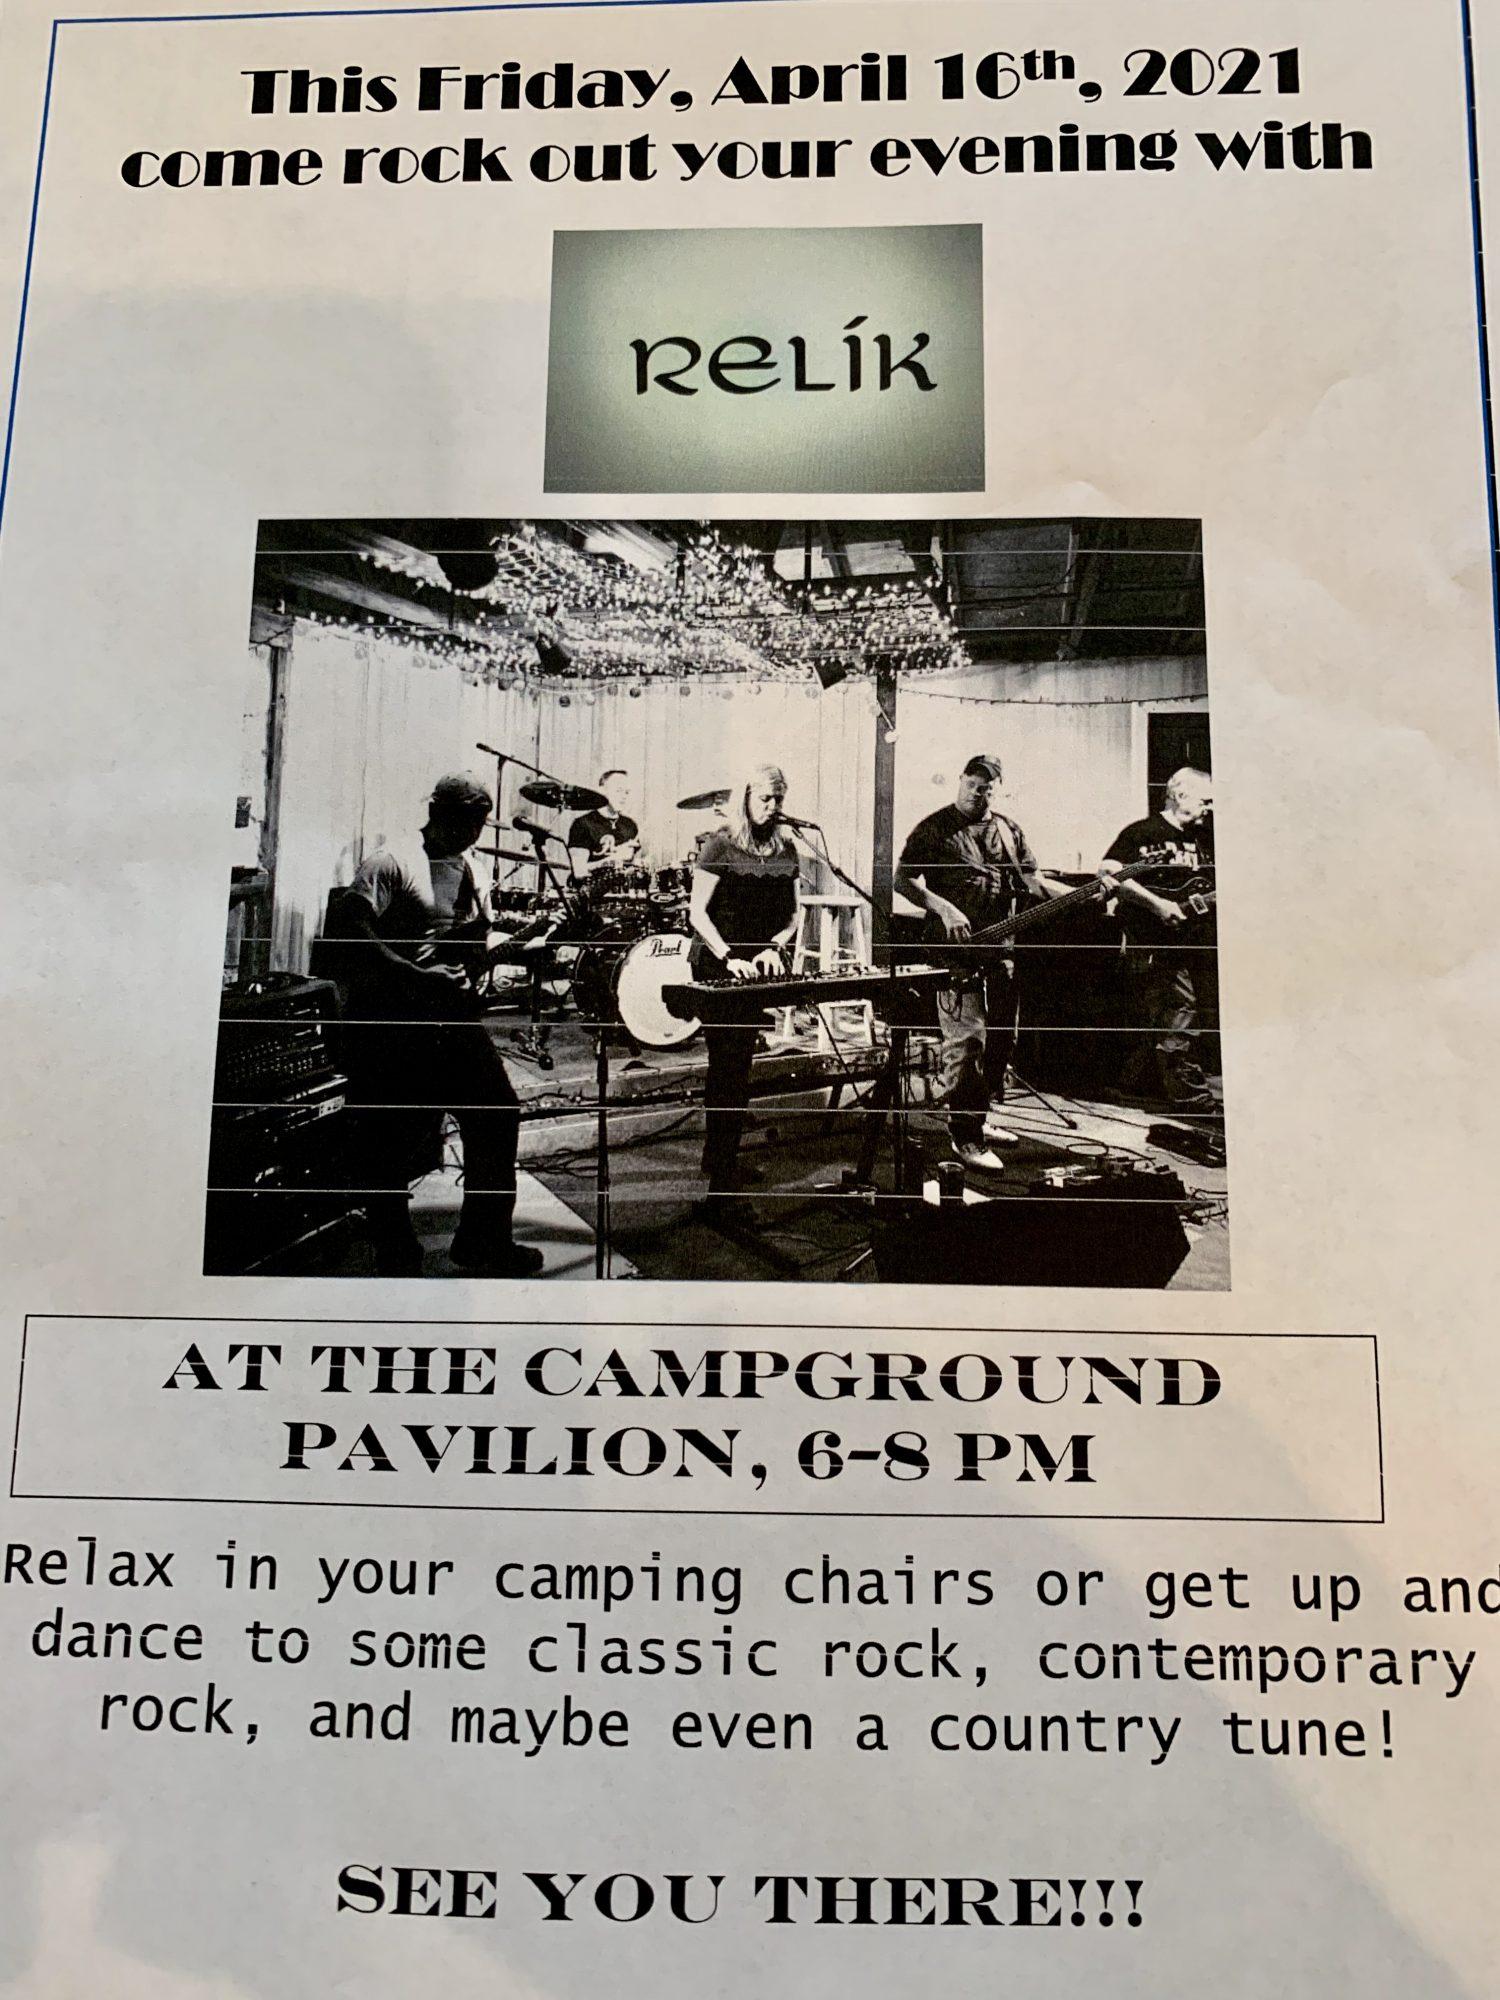 Relik Event Classic Rock